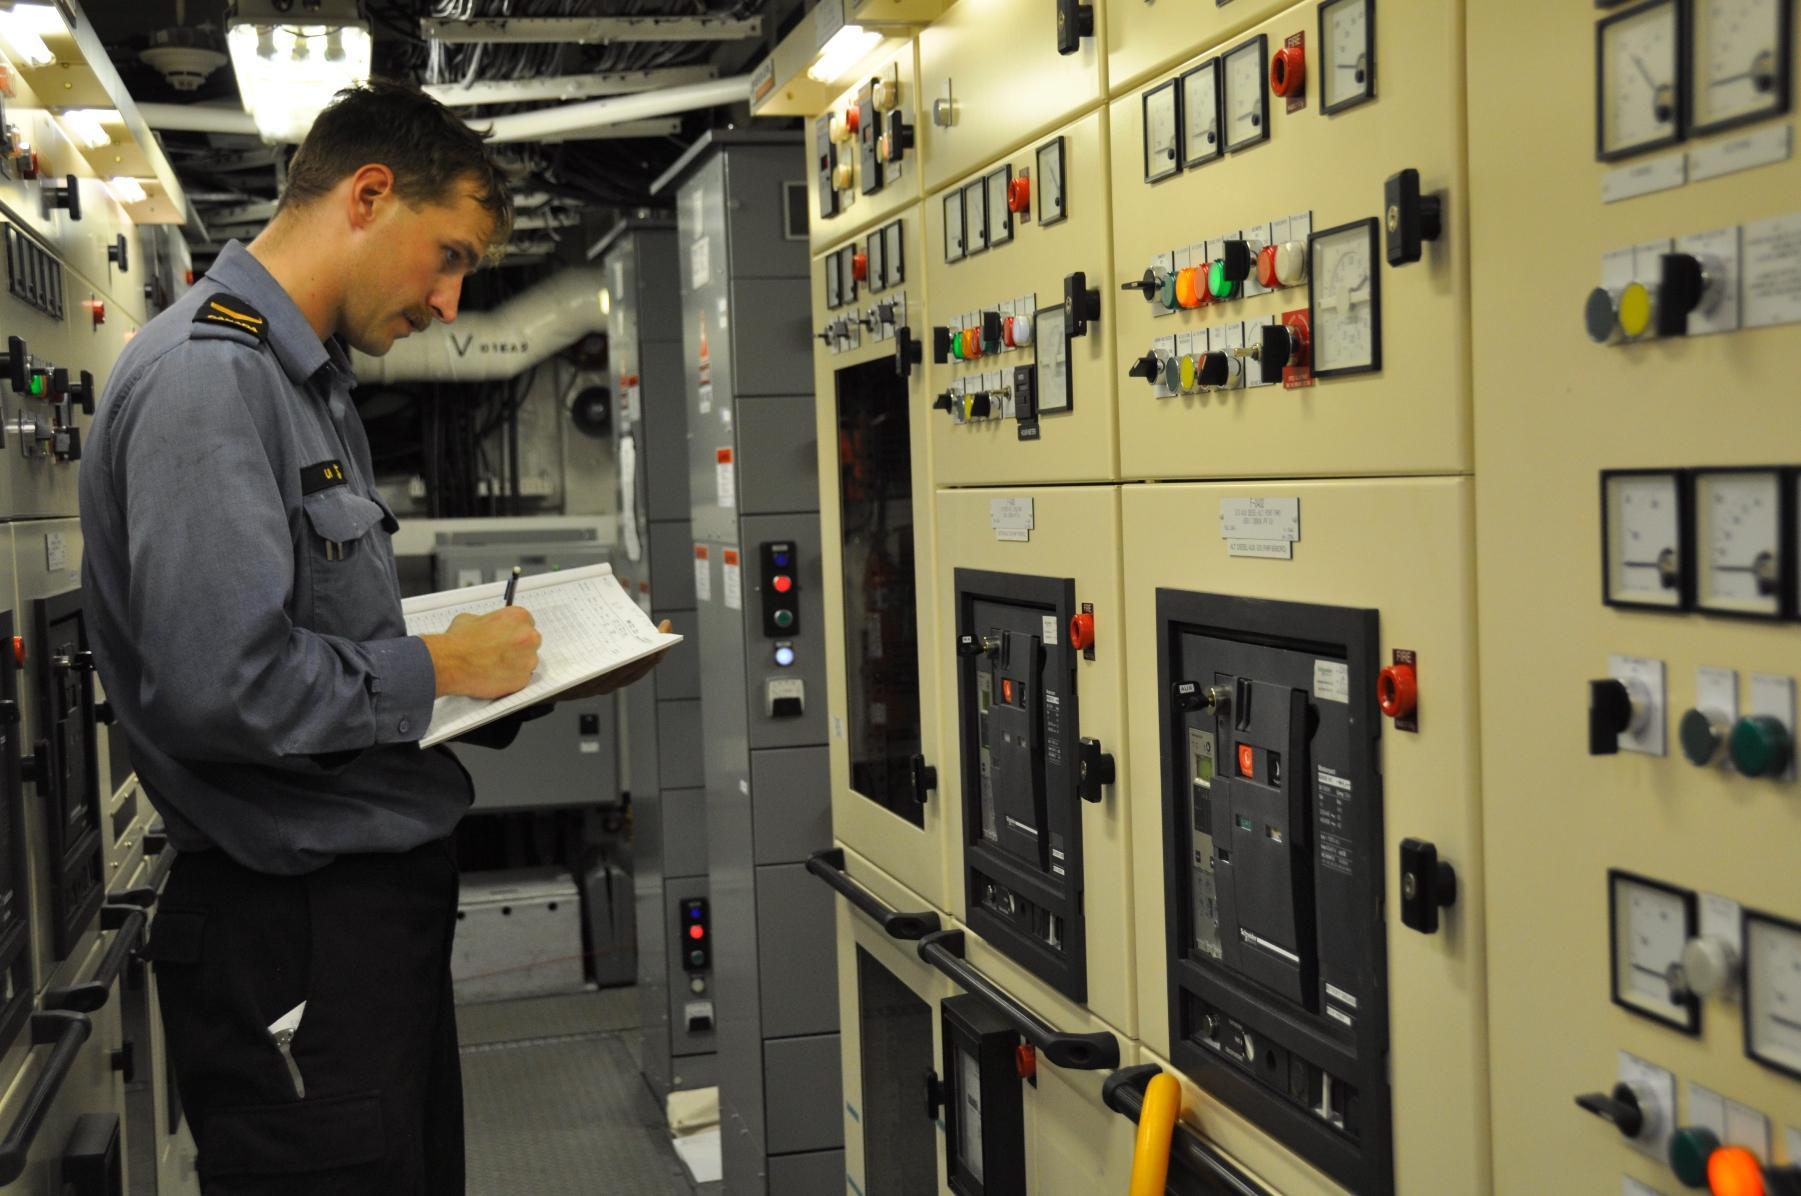 Leading Seaman Kyle Uhlig